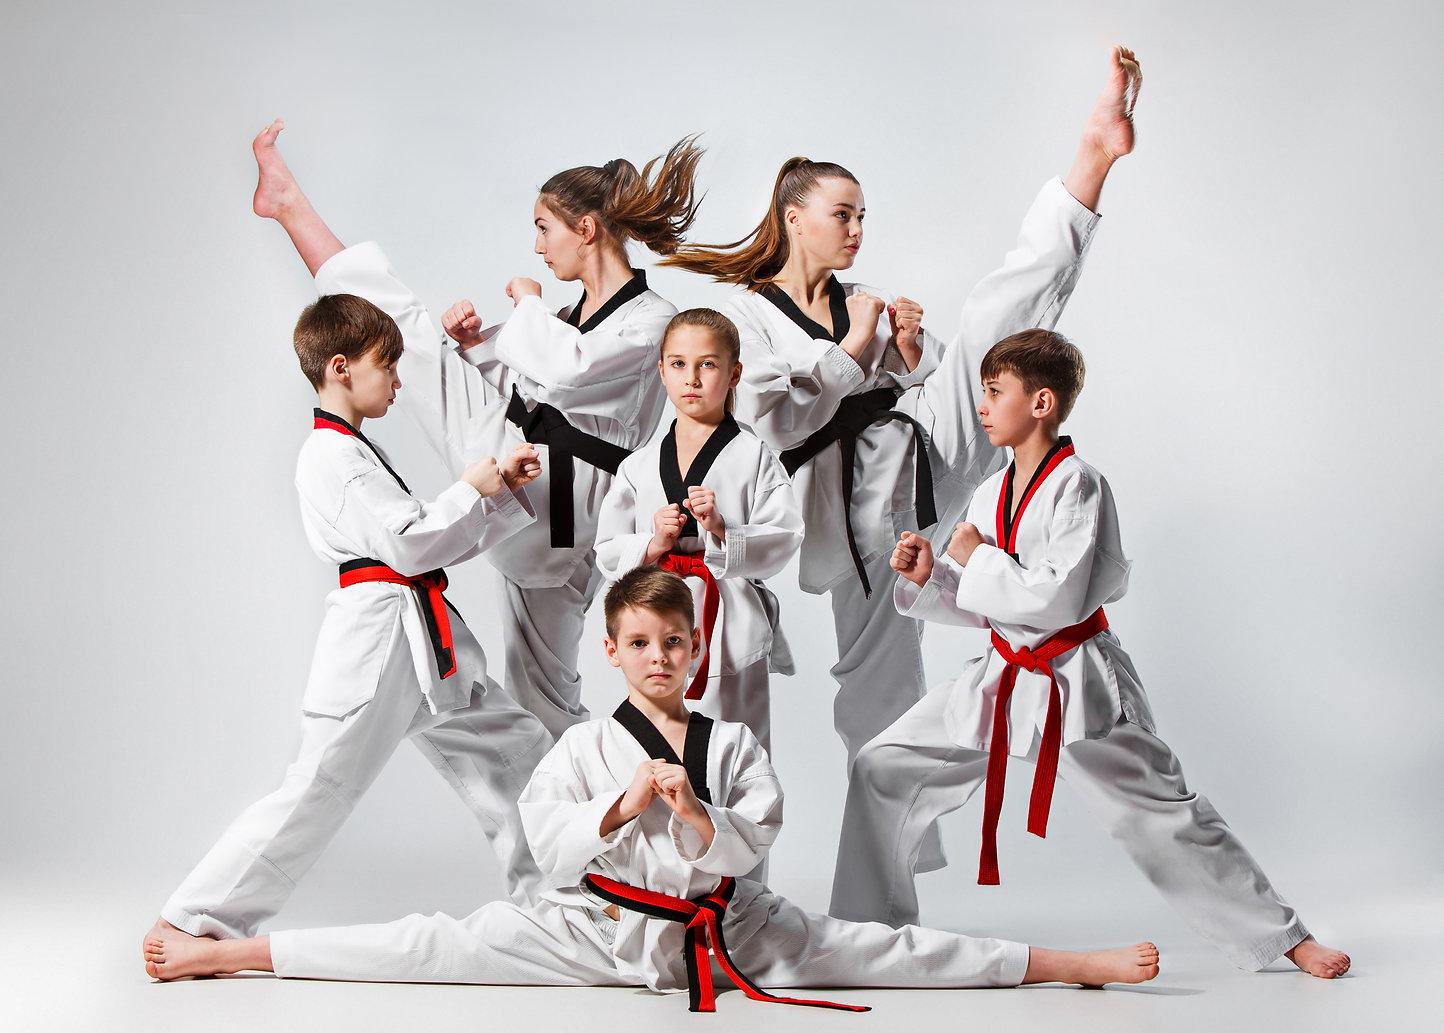 kolding huma taekwondo